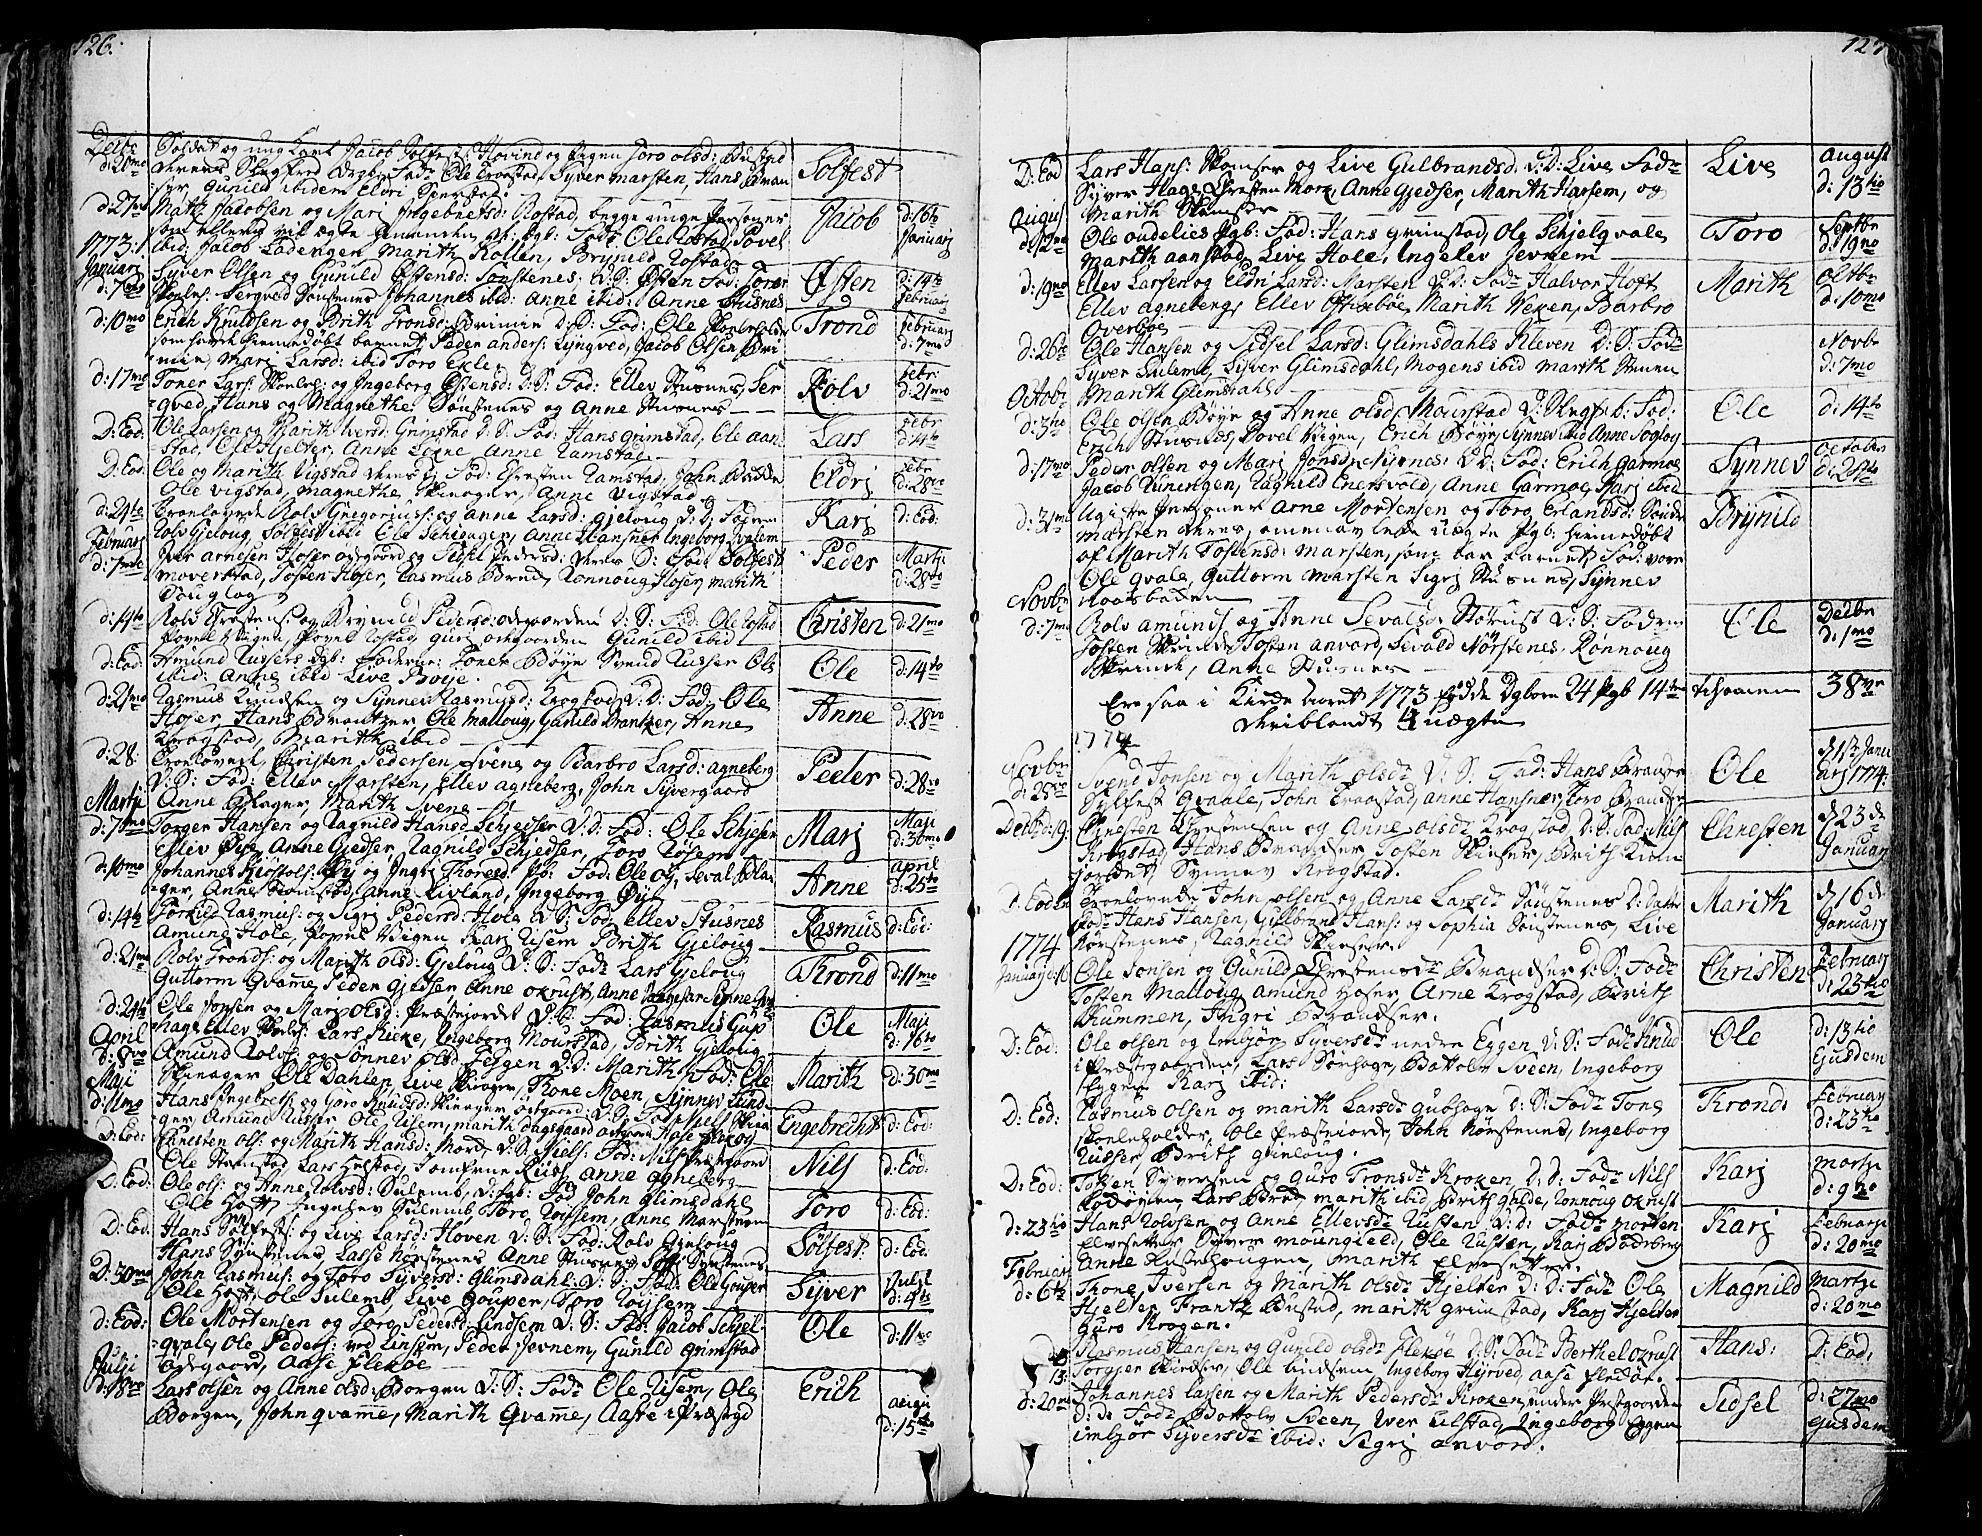 SAH, Lom prestekontor, K/L0002: Ministerialbok nr. 2, 1749-1801, s. 126-127